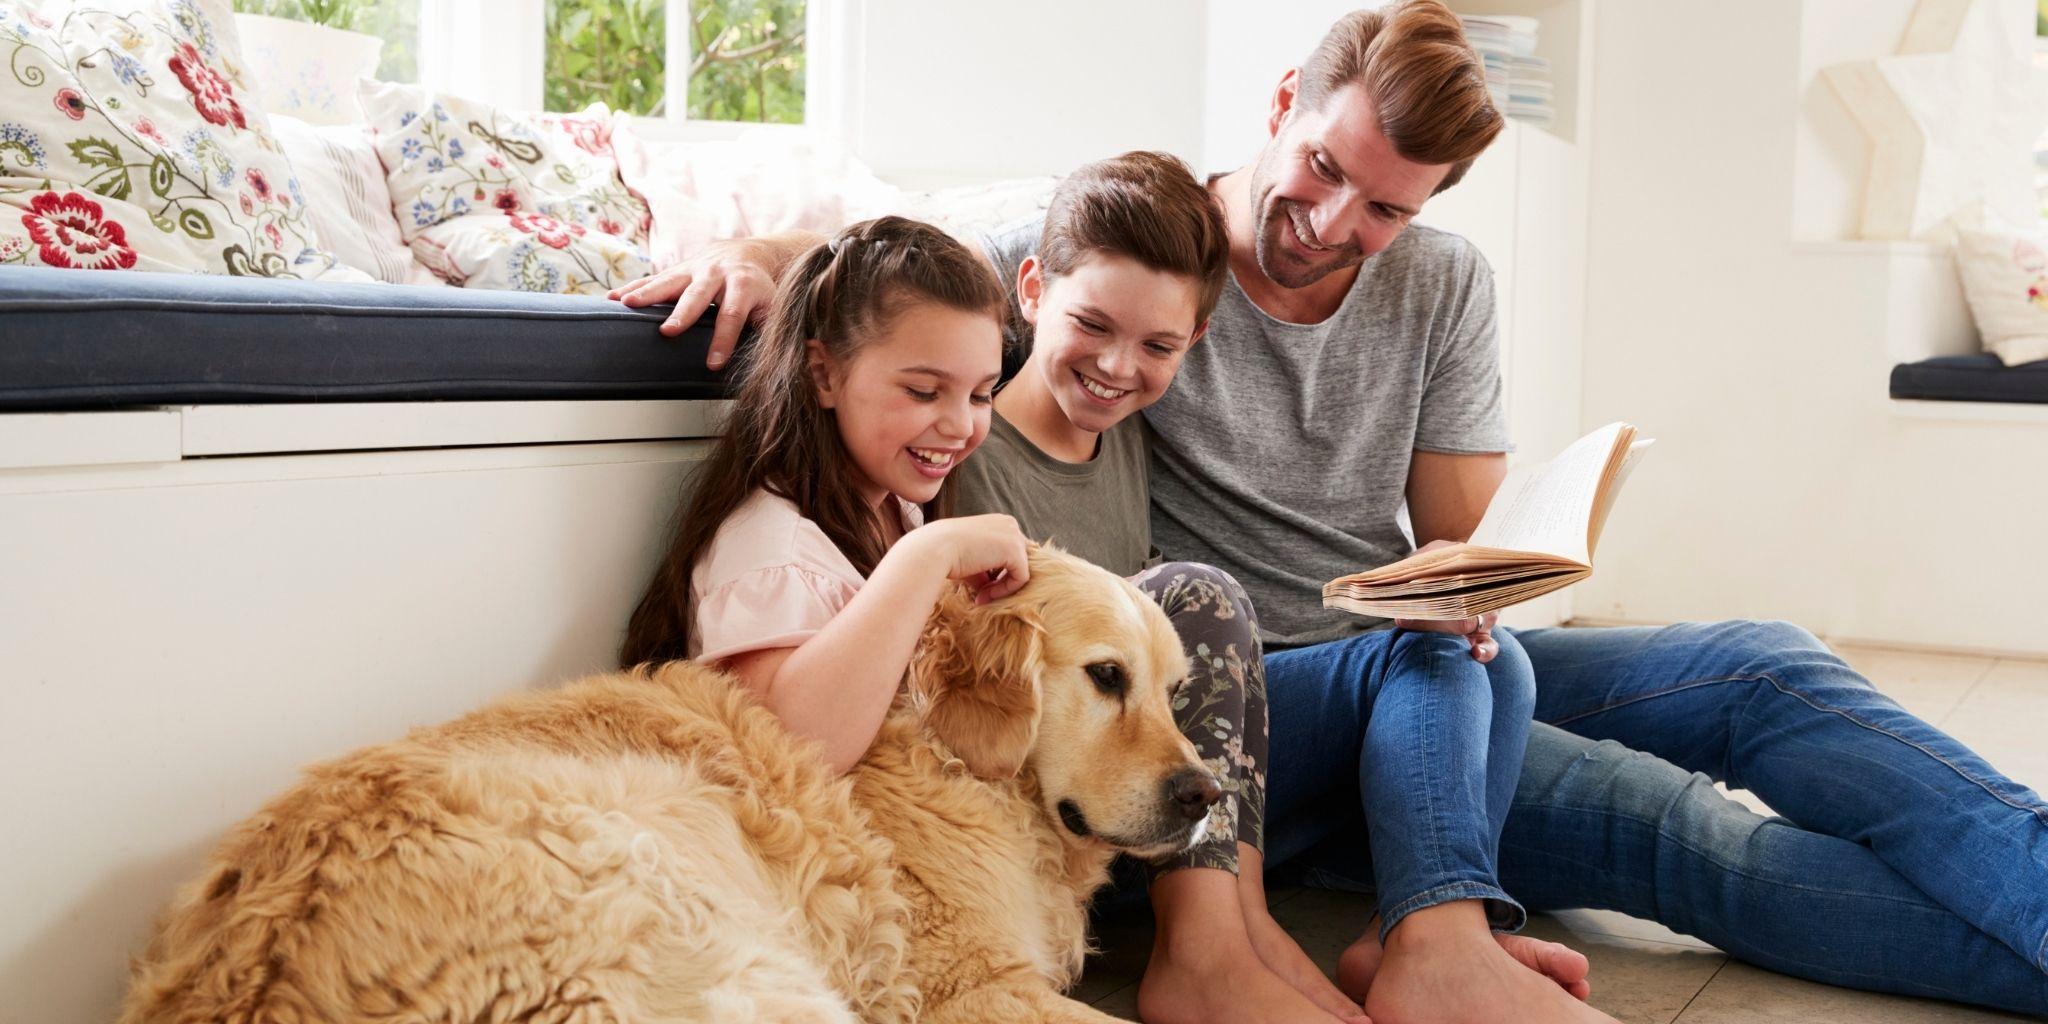 Találja meg a családjának legmegfelelőbb háziállatot - A teszt